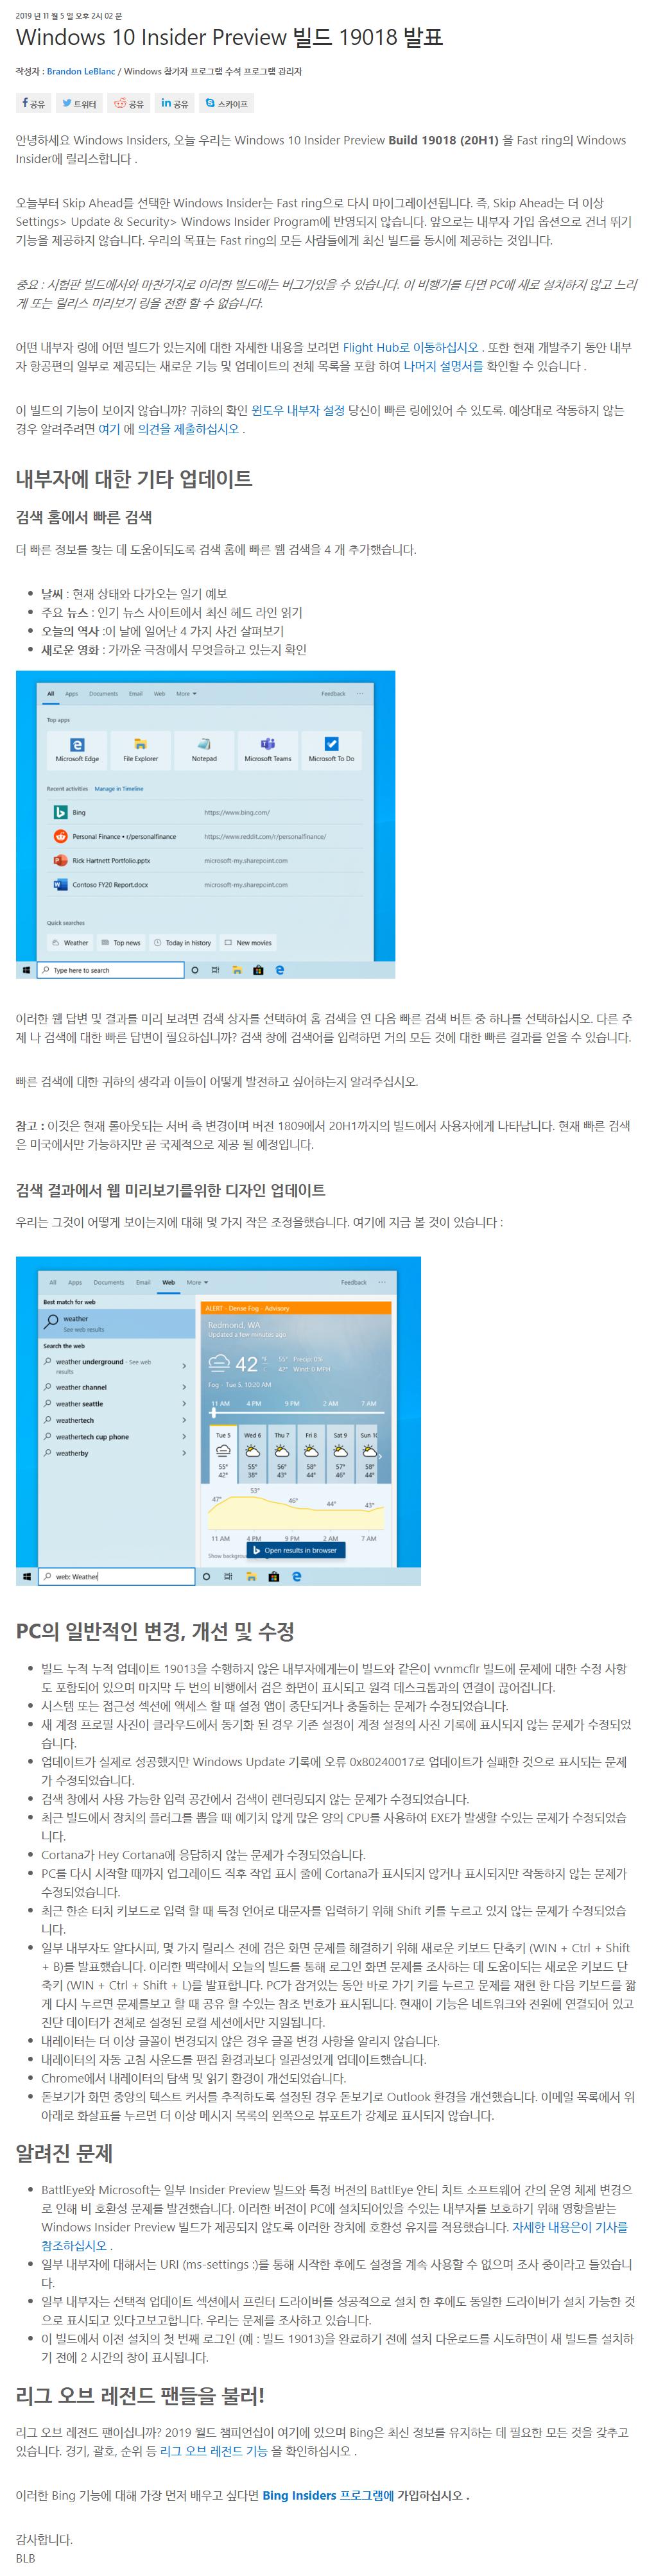 윈도10 20H1 인사이더 프리뷰 19018.1 빌드 나왔네요 - ms 블로그 - 크롬 번역 2019-11-06_080819.png